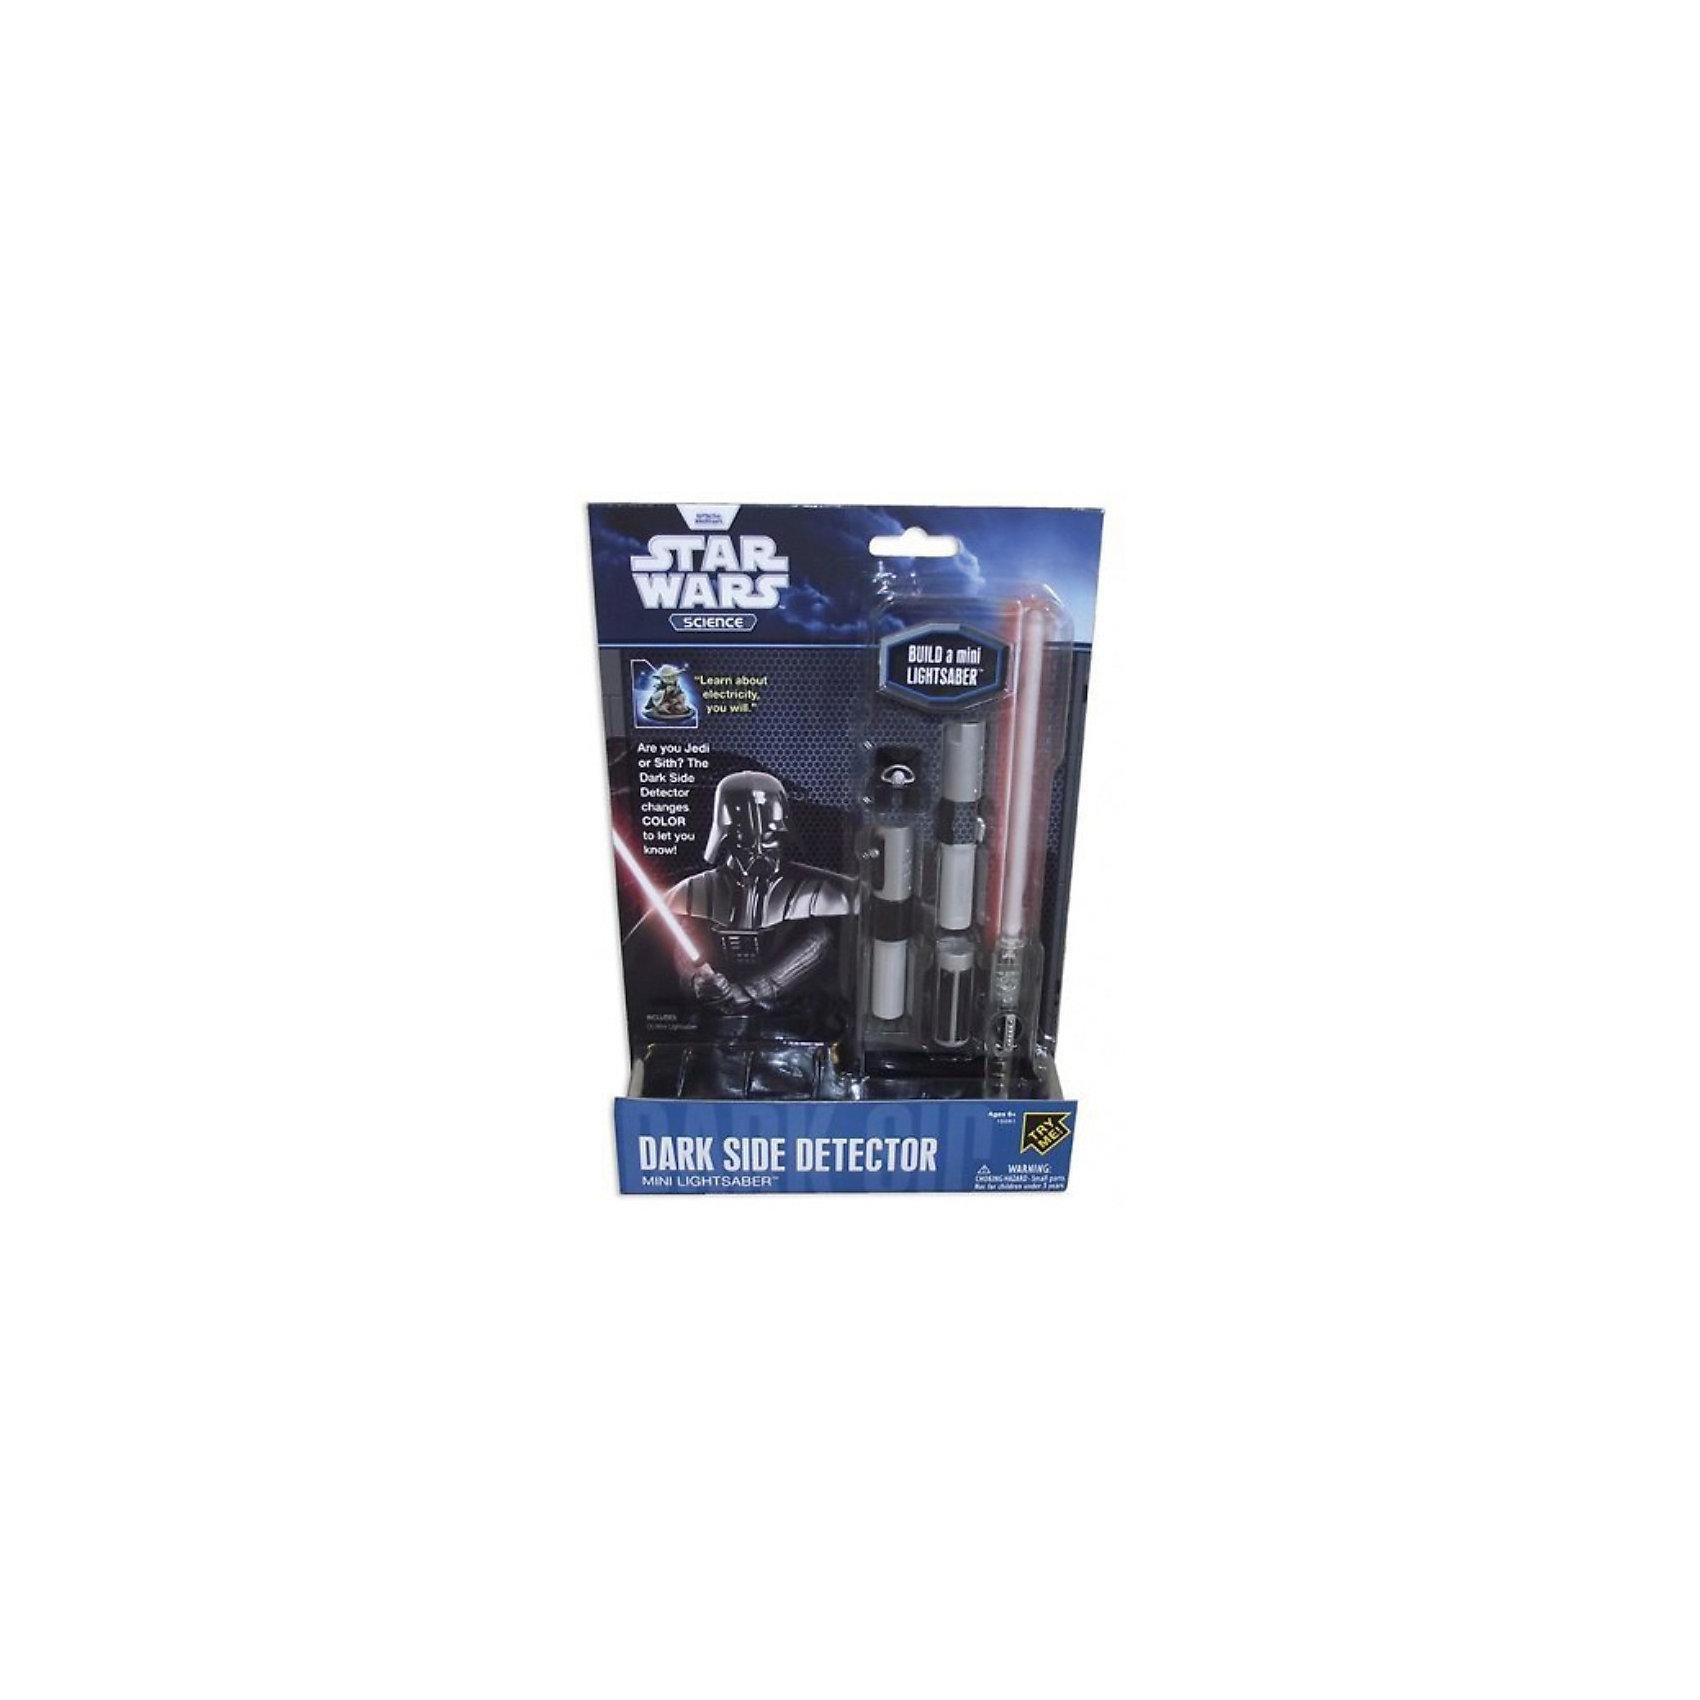 Мини-детектор Дарта Вейдера, Звёздные войныСюжетно-ролевые игры<br>Мини-детектор Дарта Вейдера, Звёздные войны - это отличный подарок юному поклоннику саги.<br>Эта миниатюрная копия высокотехнологичного оружия — светового меча из саги «Звёздные войны». Анализируя малейшие колебания Силы, он способен определить, кто взял его в руки: благородный рыцарь света или коварный адепт тёмной стороны. В руках рыцаря-джедая клинок меча будет светиться синим светом, в руках адепта тёмной стороны — красным. Такая игрушка будет отличным подарком, как юному поклоннику саги, так и специалисту со стажем. Модель светового меча обладает невероятно высокой степенью детализации и, как две капли воды, похожа на оружие из фильма.<br><br>Дополнительная информация:<br><br>- В наборе: детали меча, 3 батарейки, инструкция<br>- Длина в собранном виде: 21,6 см.<br>- Материал: пластик<br>- Размер упаковки: 25,5 х 4 х 18 см.<br>- Вес: 154 гр.<br><br>Мини-детектор Дарта Вейдера, Звёздные войны можно купить в нашем интернет-магазине.<br><br>Ширина мм: 178<br>Глубина мм: 38<br>Высота мм: 254<br>Вес г: 140<br>Возраст от месяцев: 72<br>Возраст до месяцев: 144<br>Пол: Мужской<br>Возраст: Детский<br>SKU: 3841362